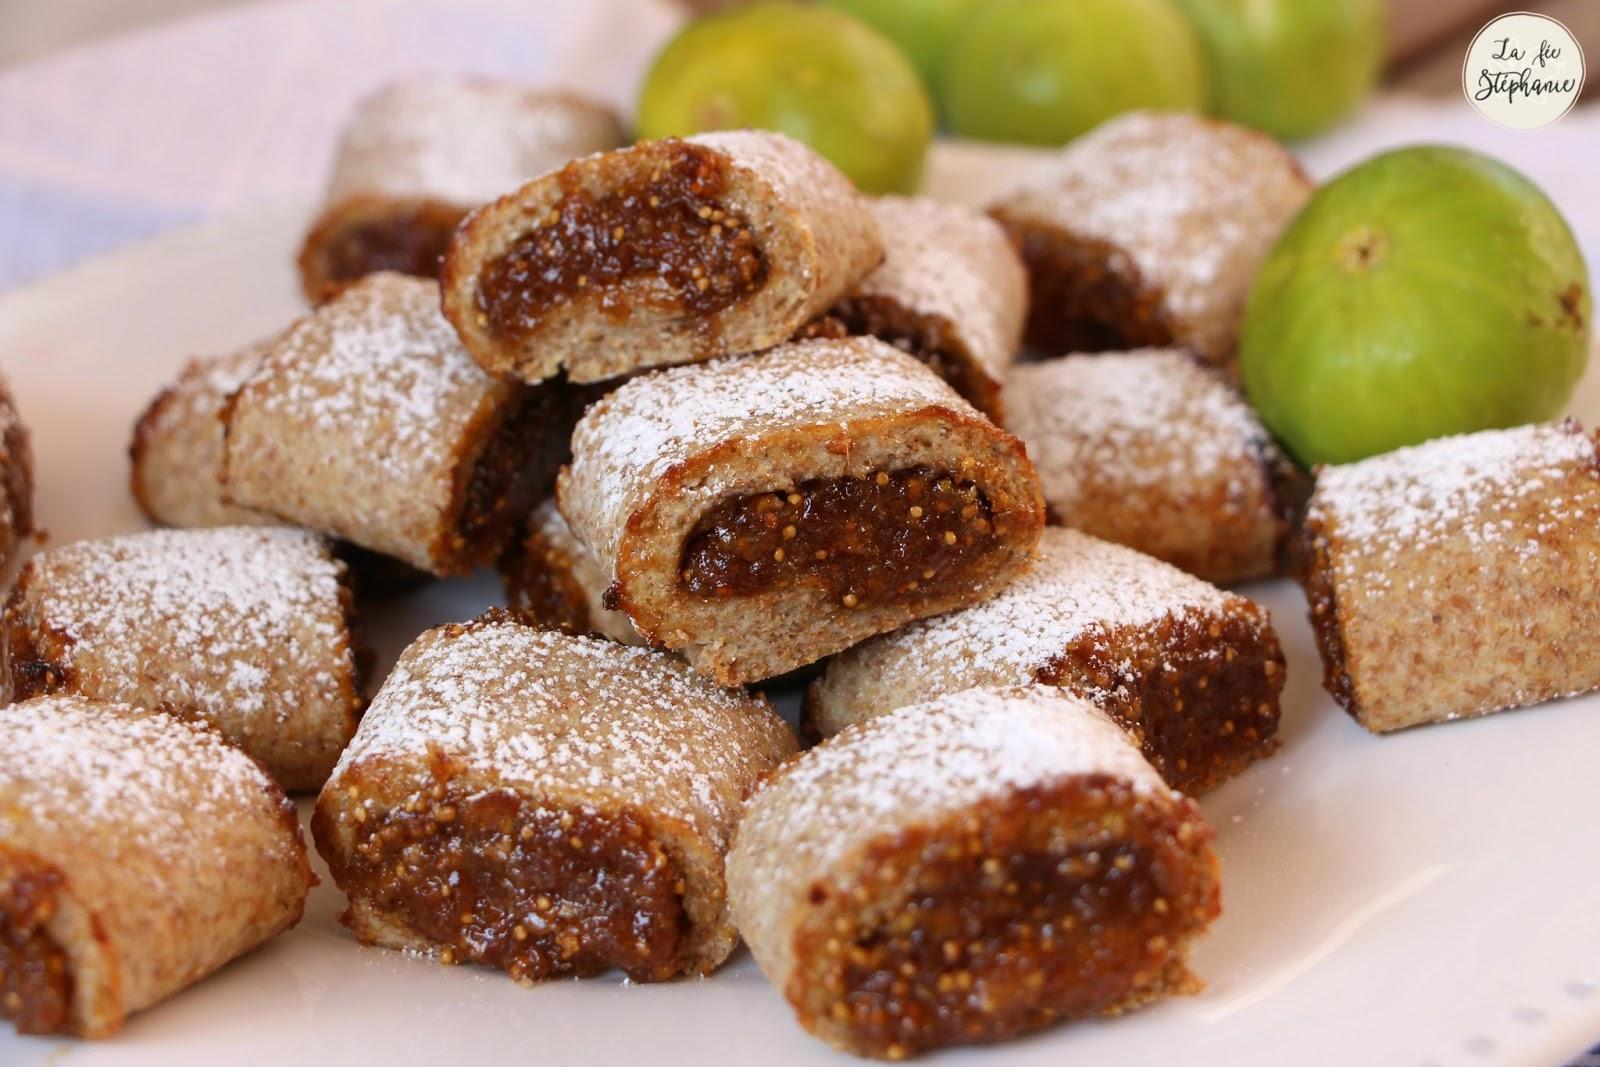 Biscuits aux figues fra ches recette sans oeuf ni lactose la f e st phanie - Cuisiner des figues fraiches ...